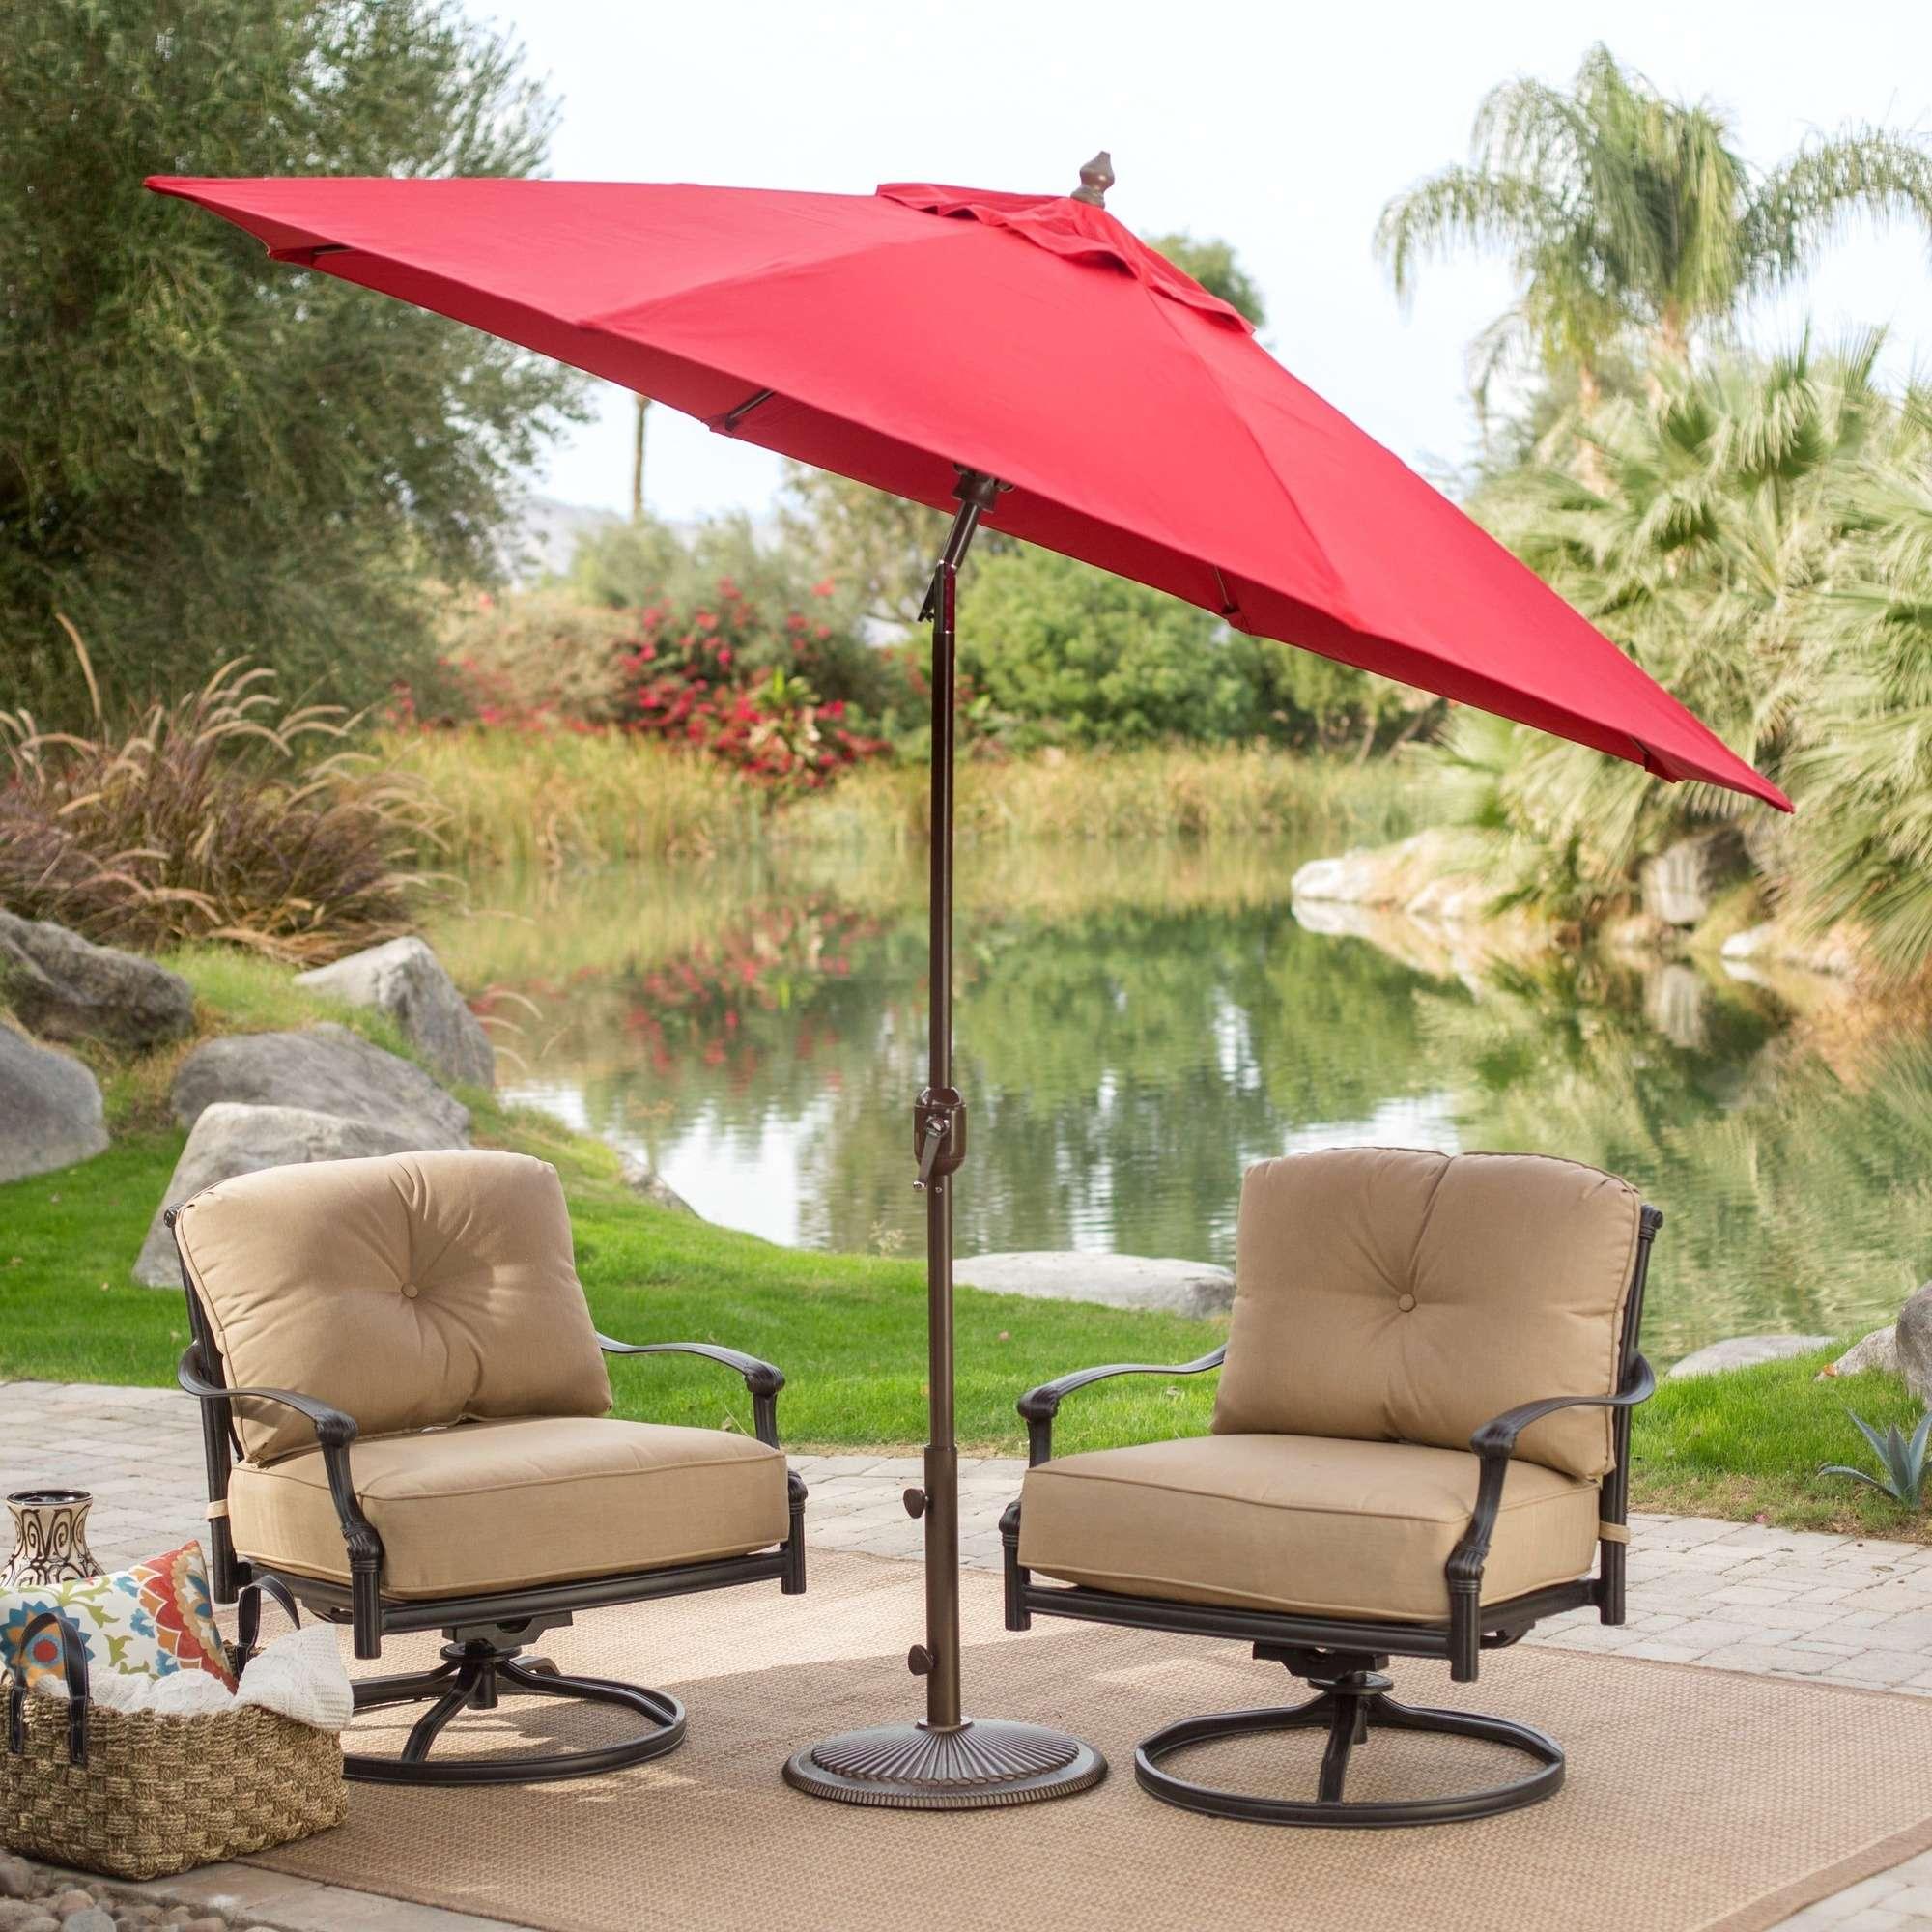 Belham Living Blue 9 Sunbrella Tilt Patio Umbrella